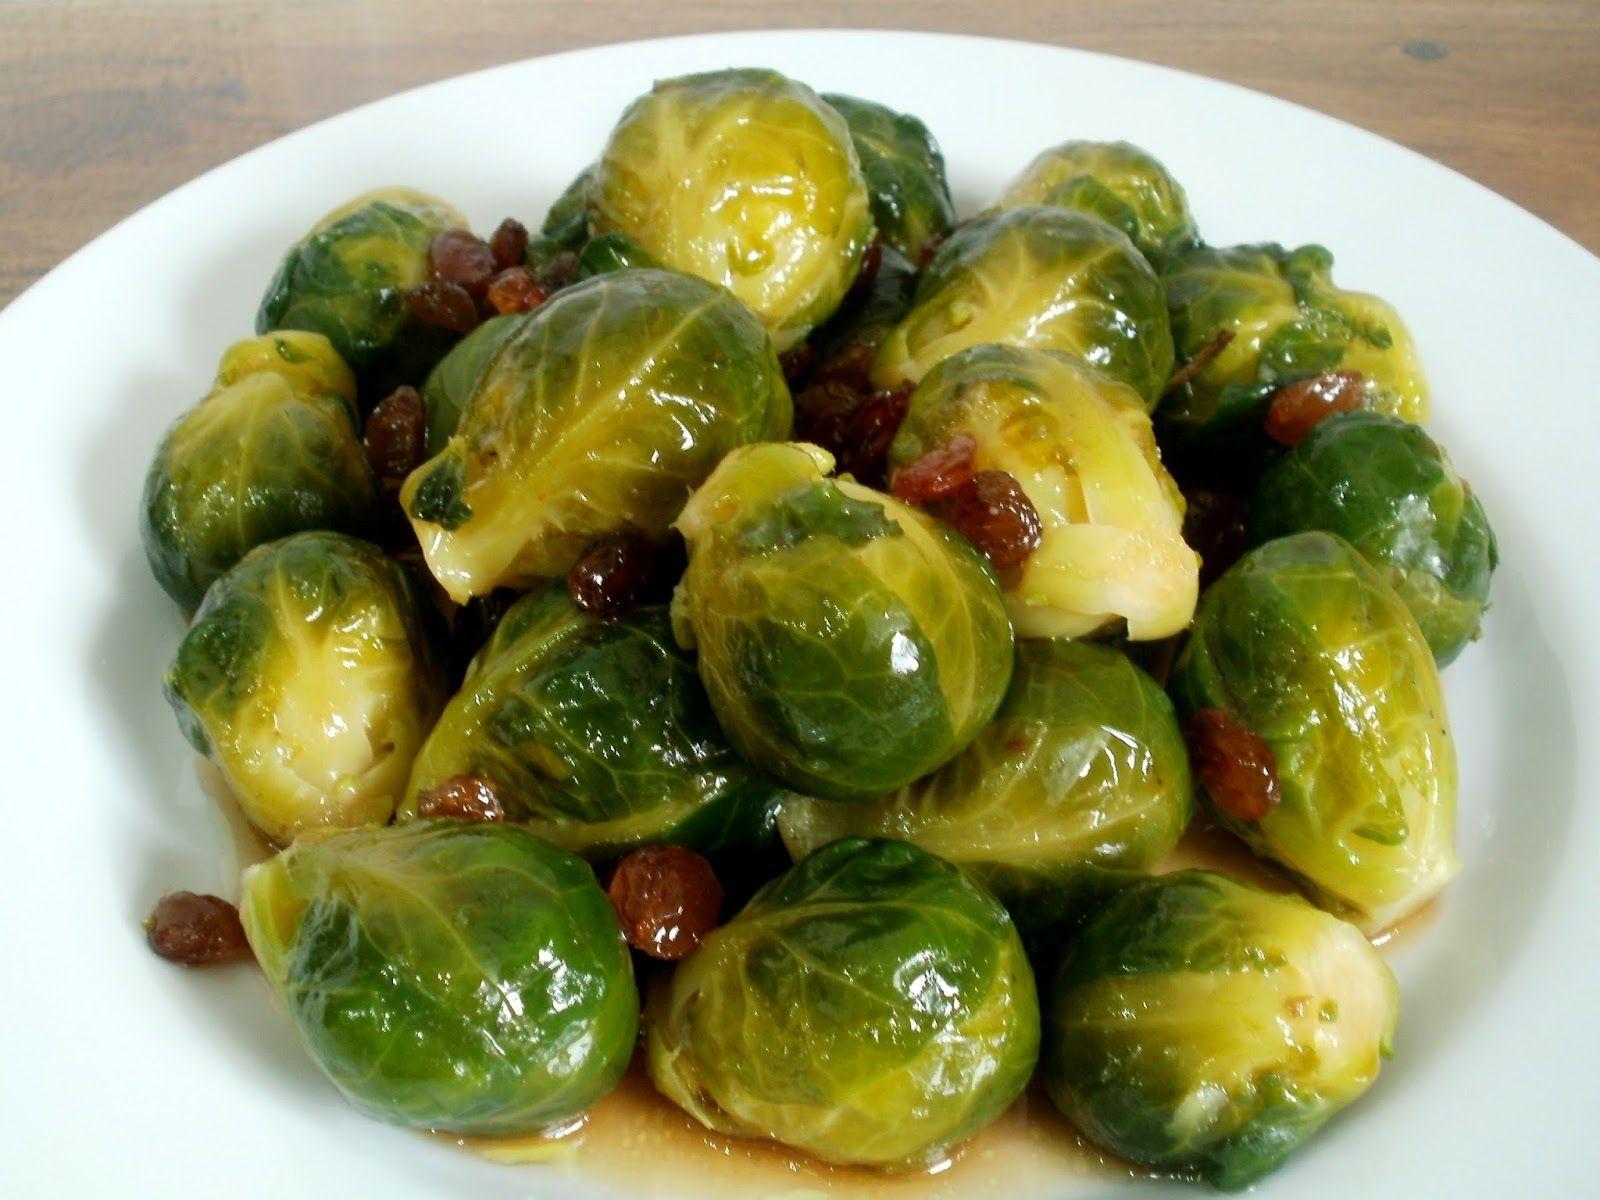 Como Cocinar Coles De Bruselas | Costillas De Cerdo Al Horno Con Ensalada Templada De Coles De